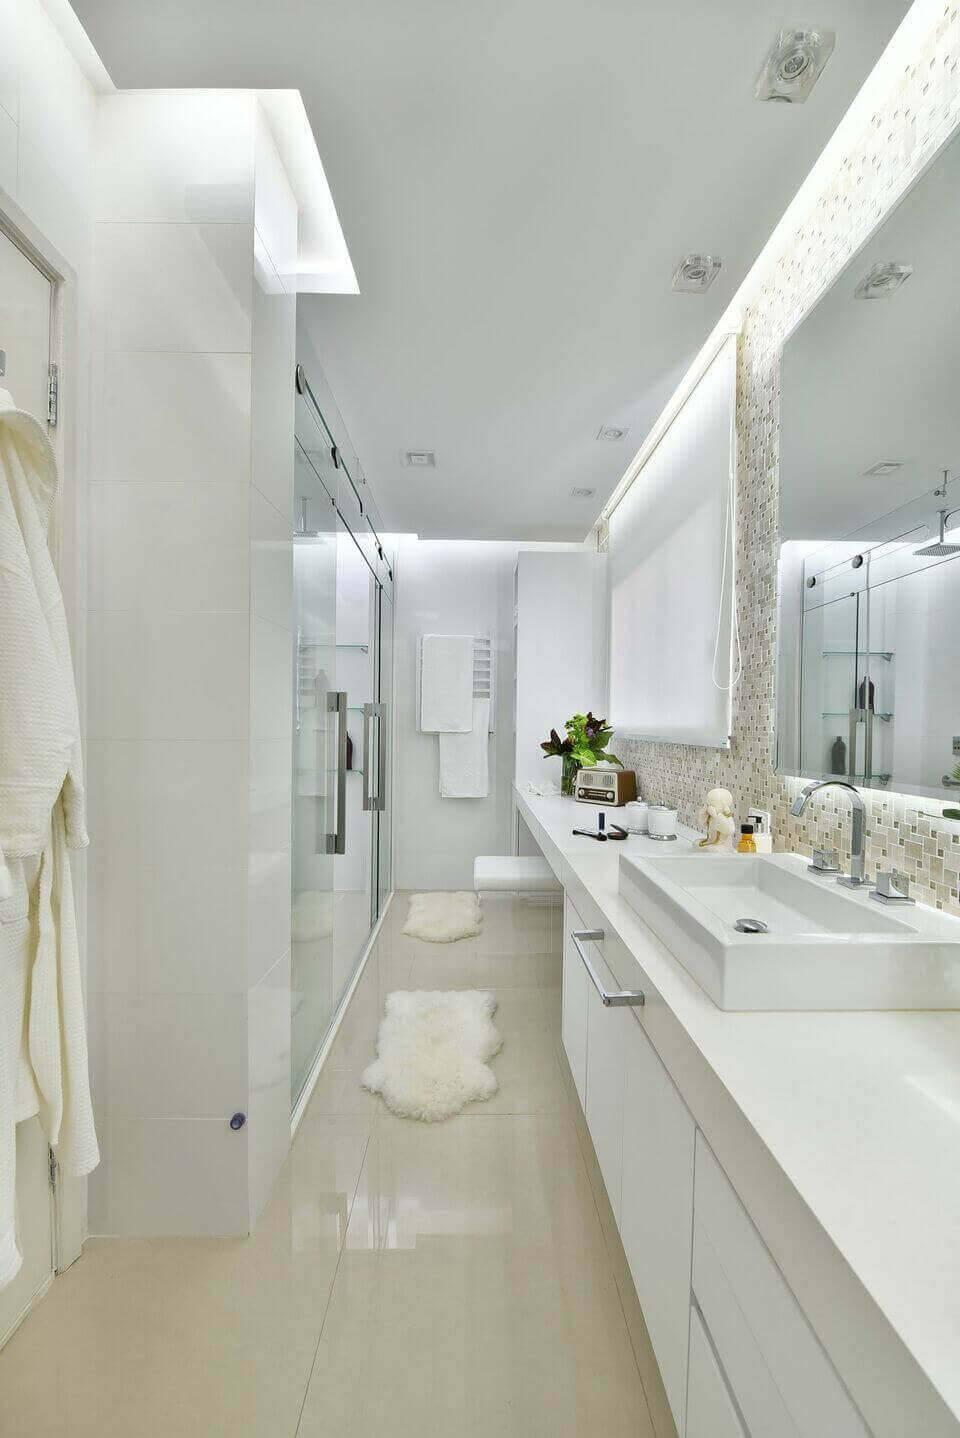 torneira para pia de banheiro - gabinete em marcenaria branca e tapetes de pelinho